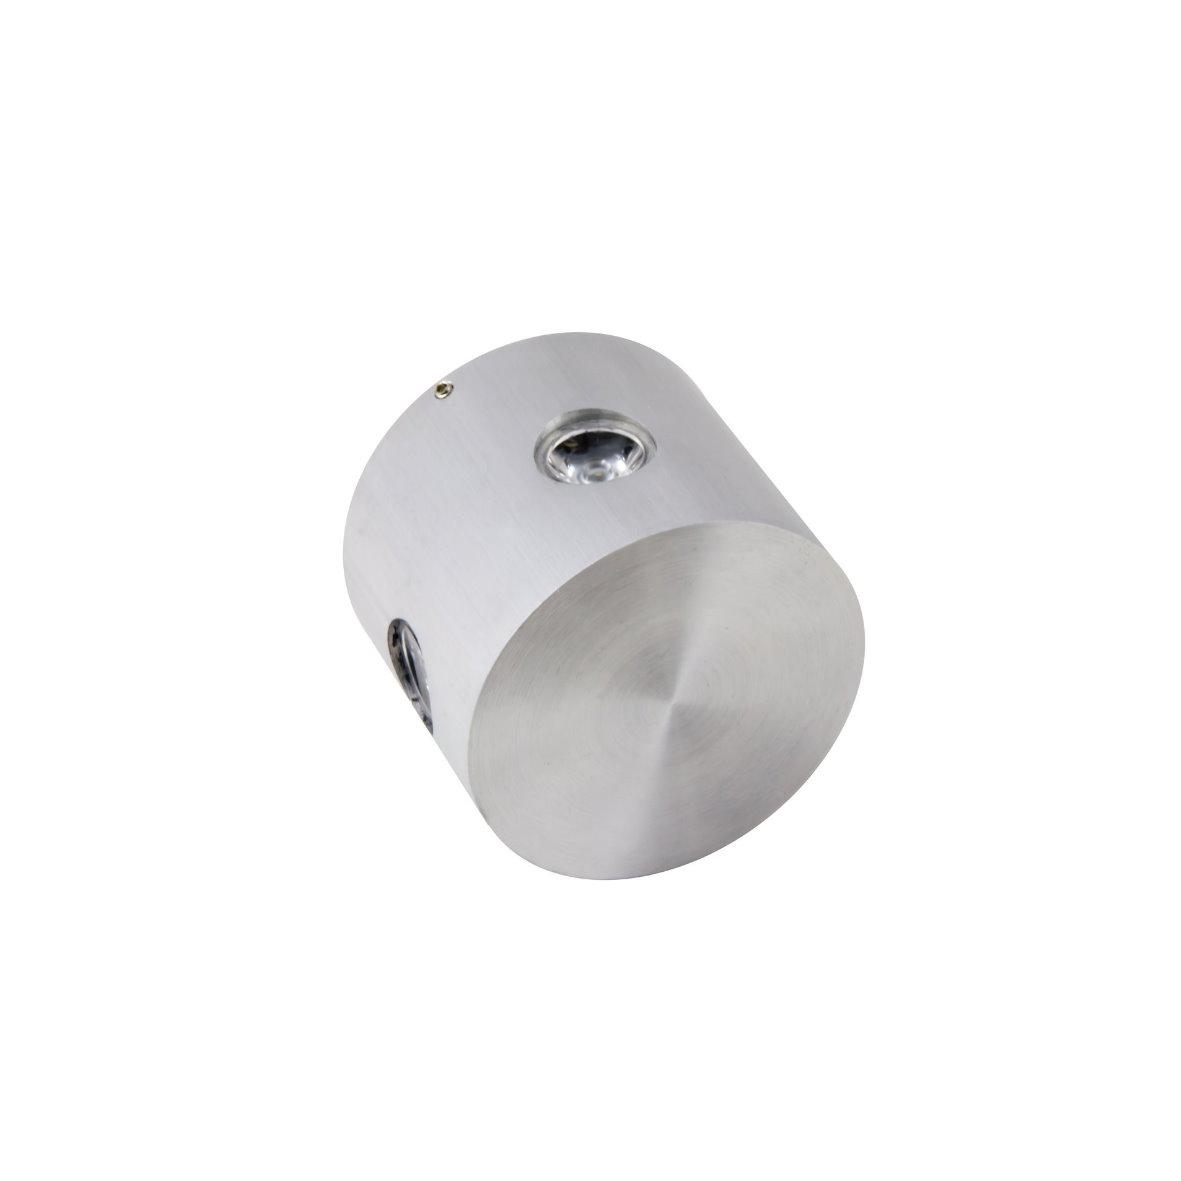 LED Wandstrahler Wohnzimmer Effekt Effektleuchte Wand